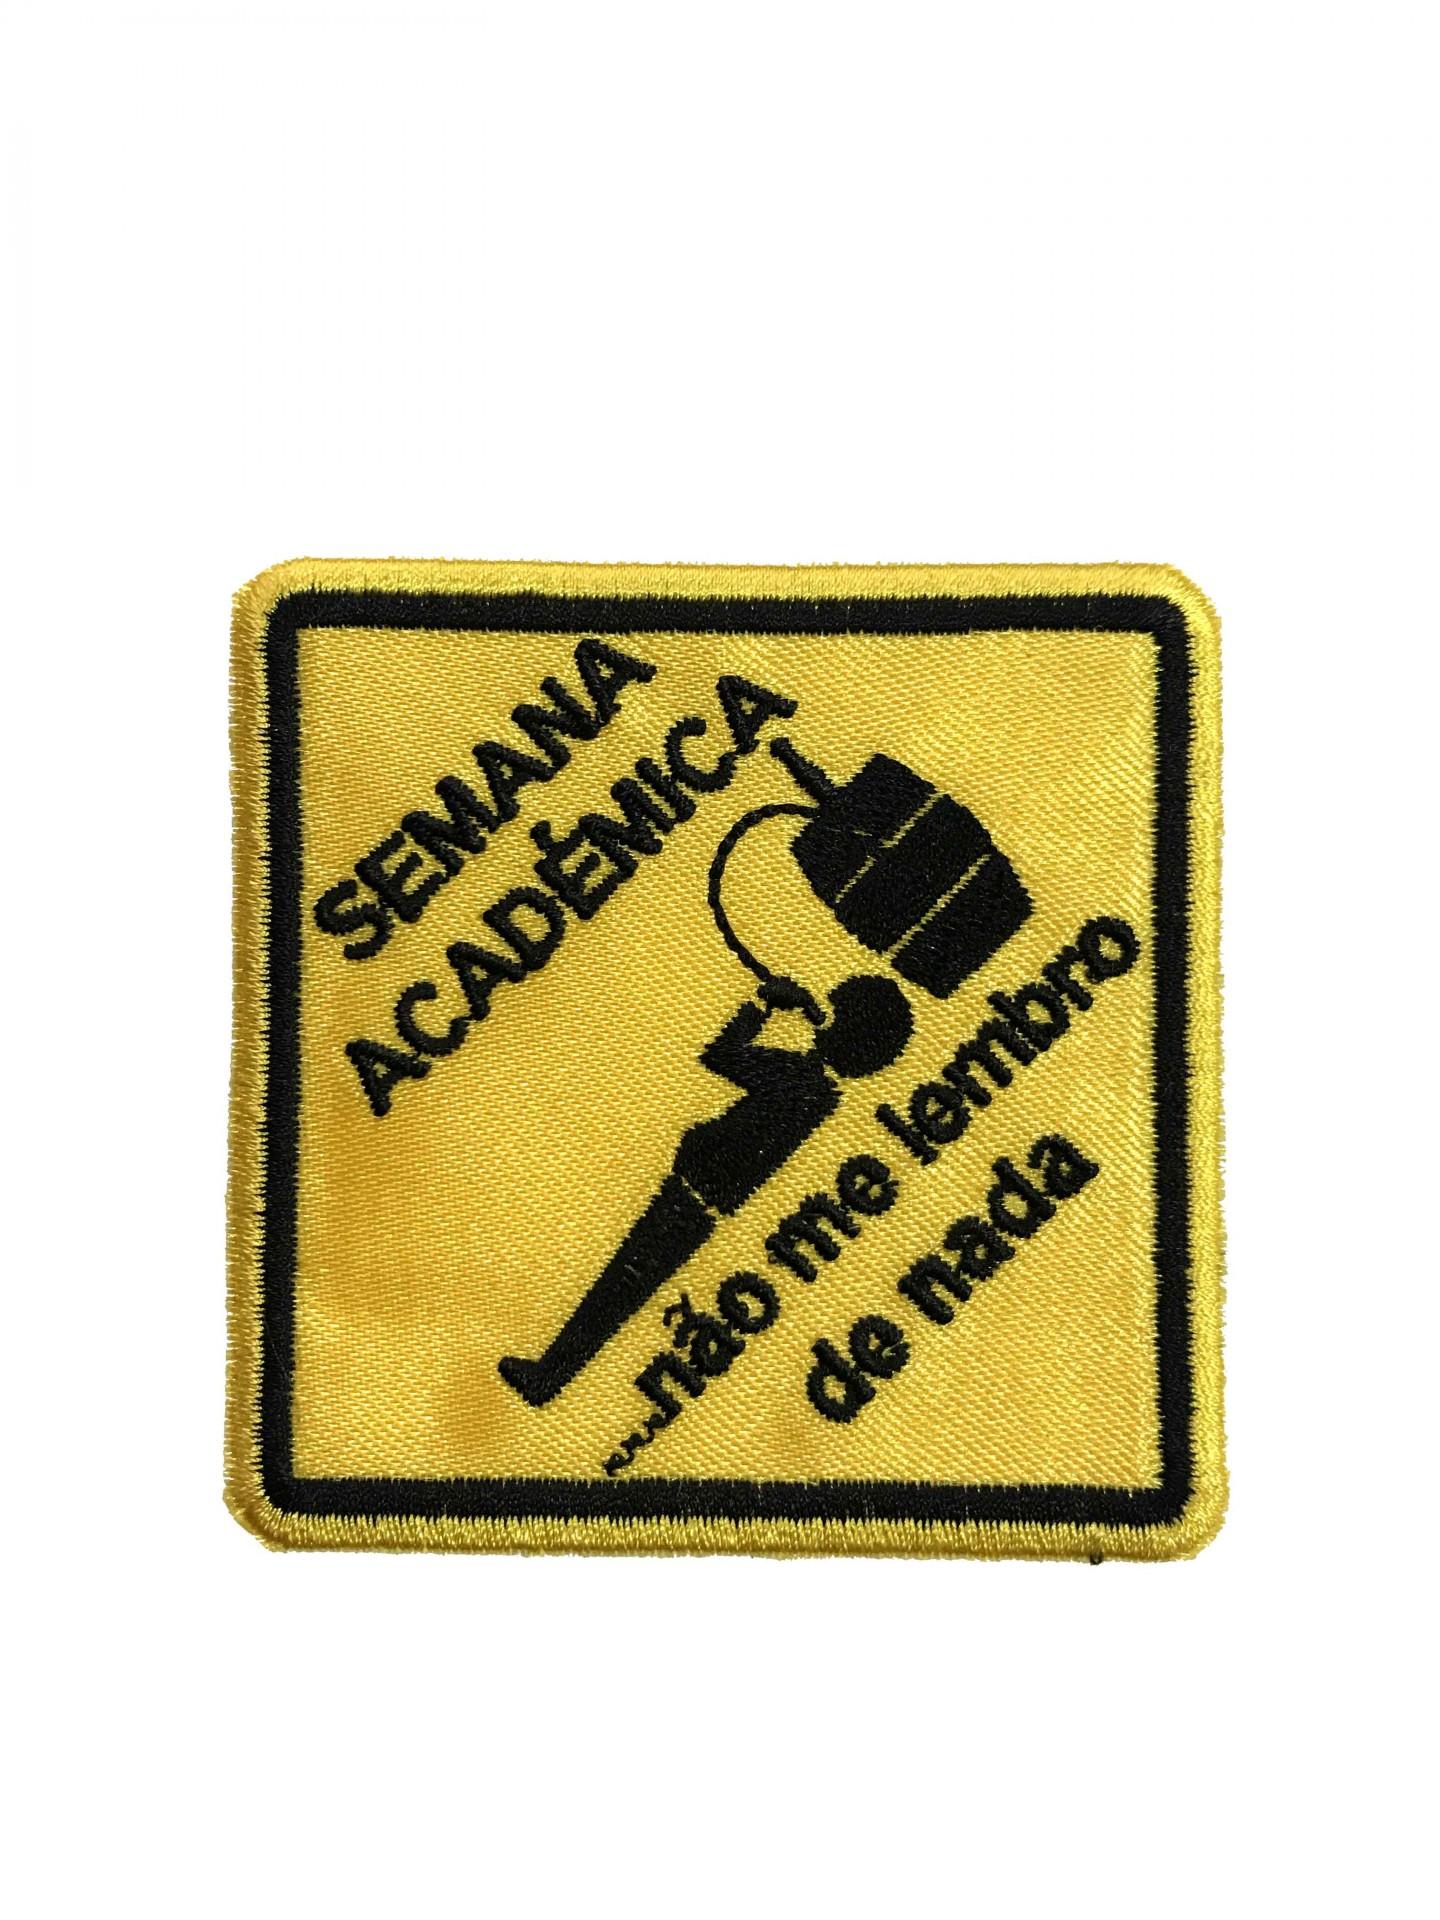 Emblema semana académica